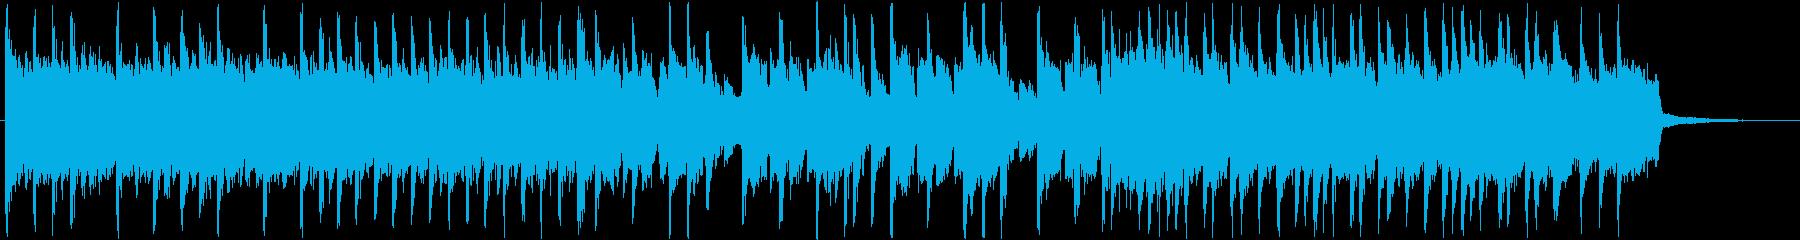 スローテンポから一転のアップテンポロックの再生済みの波形